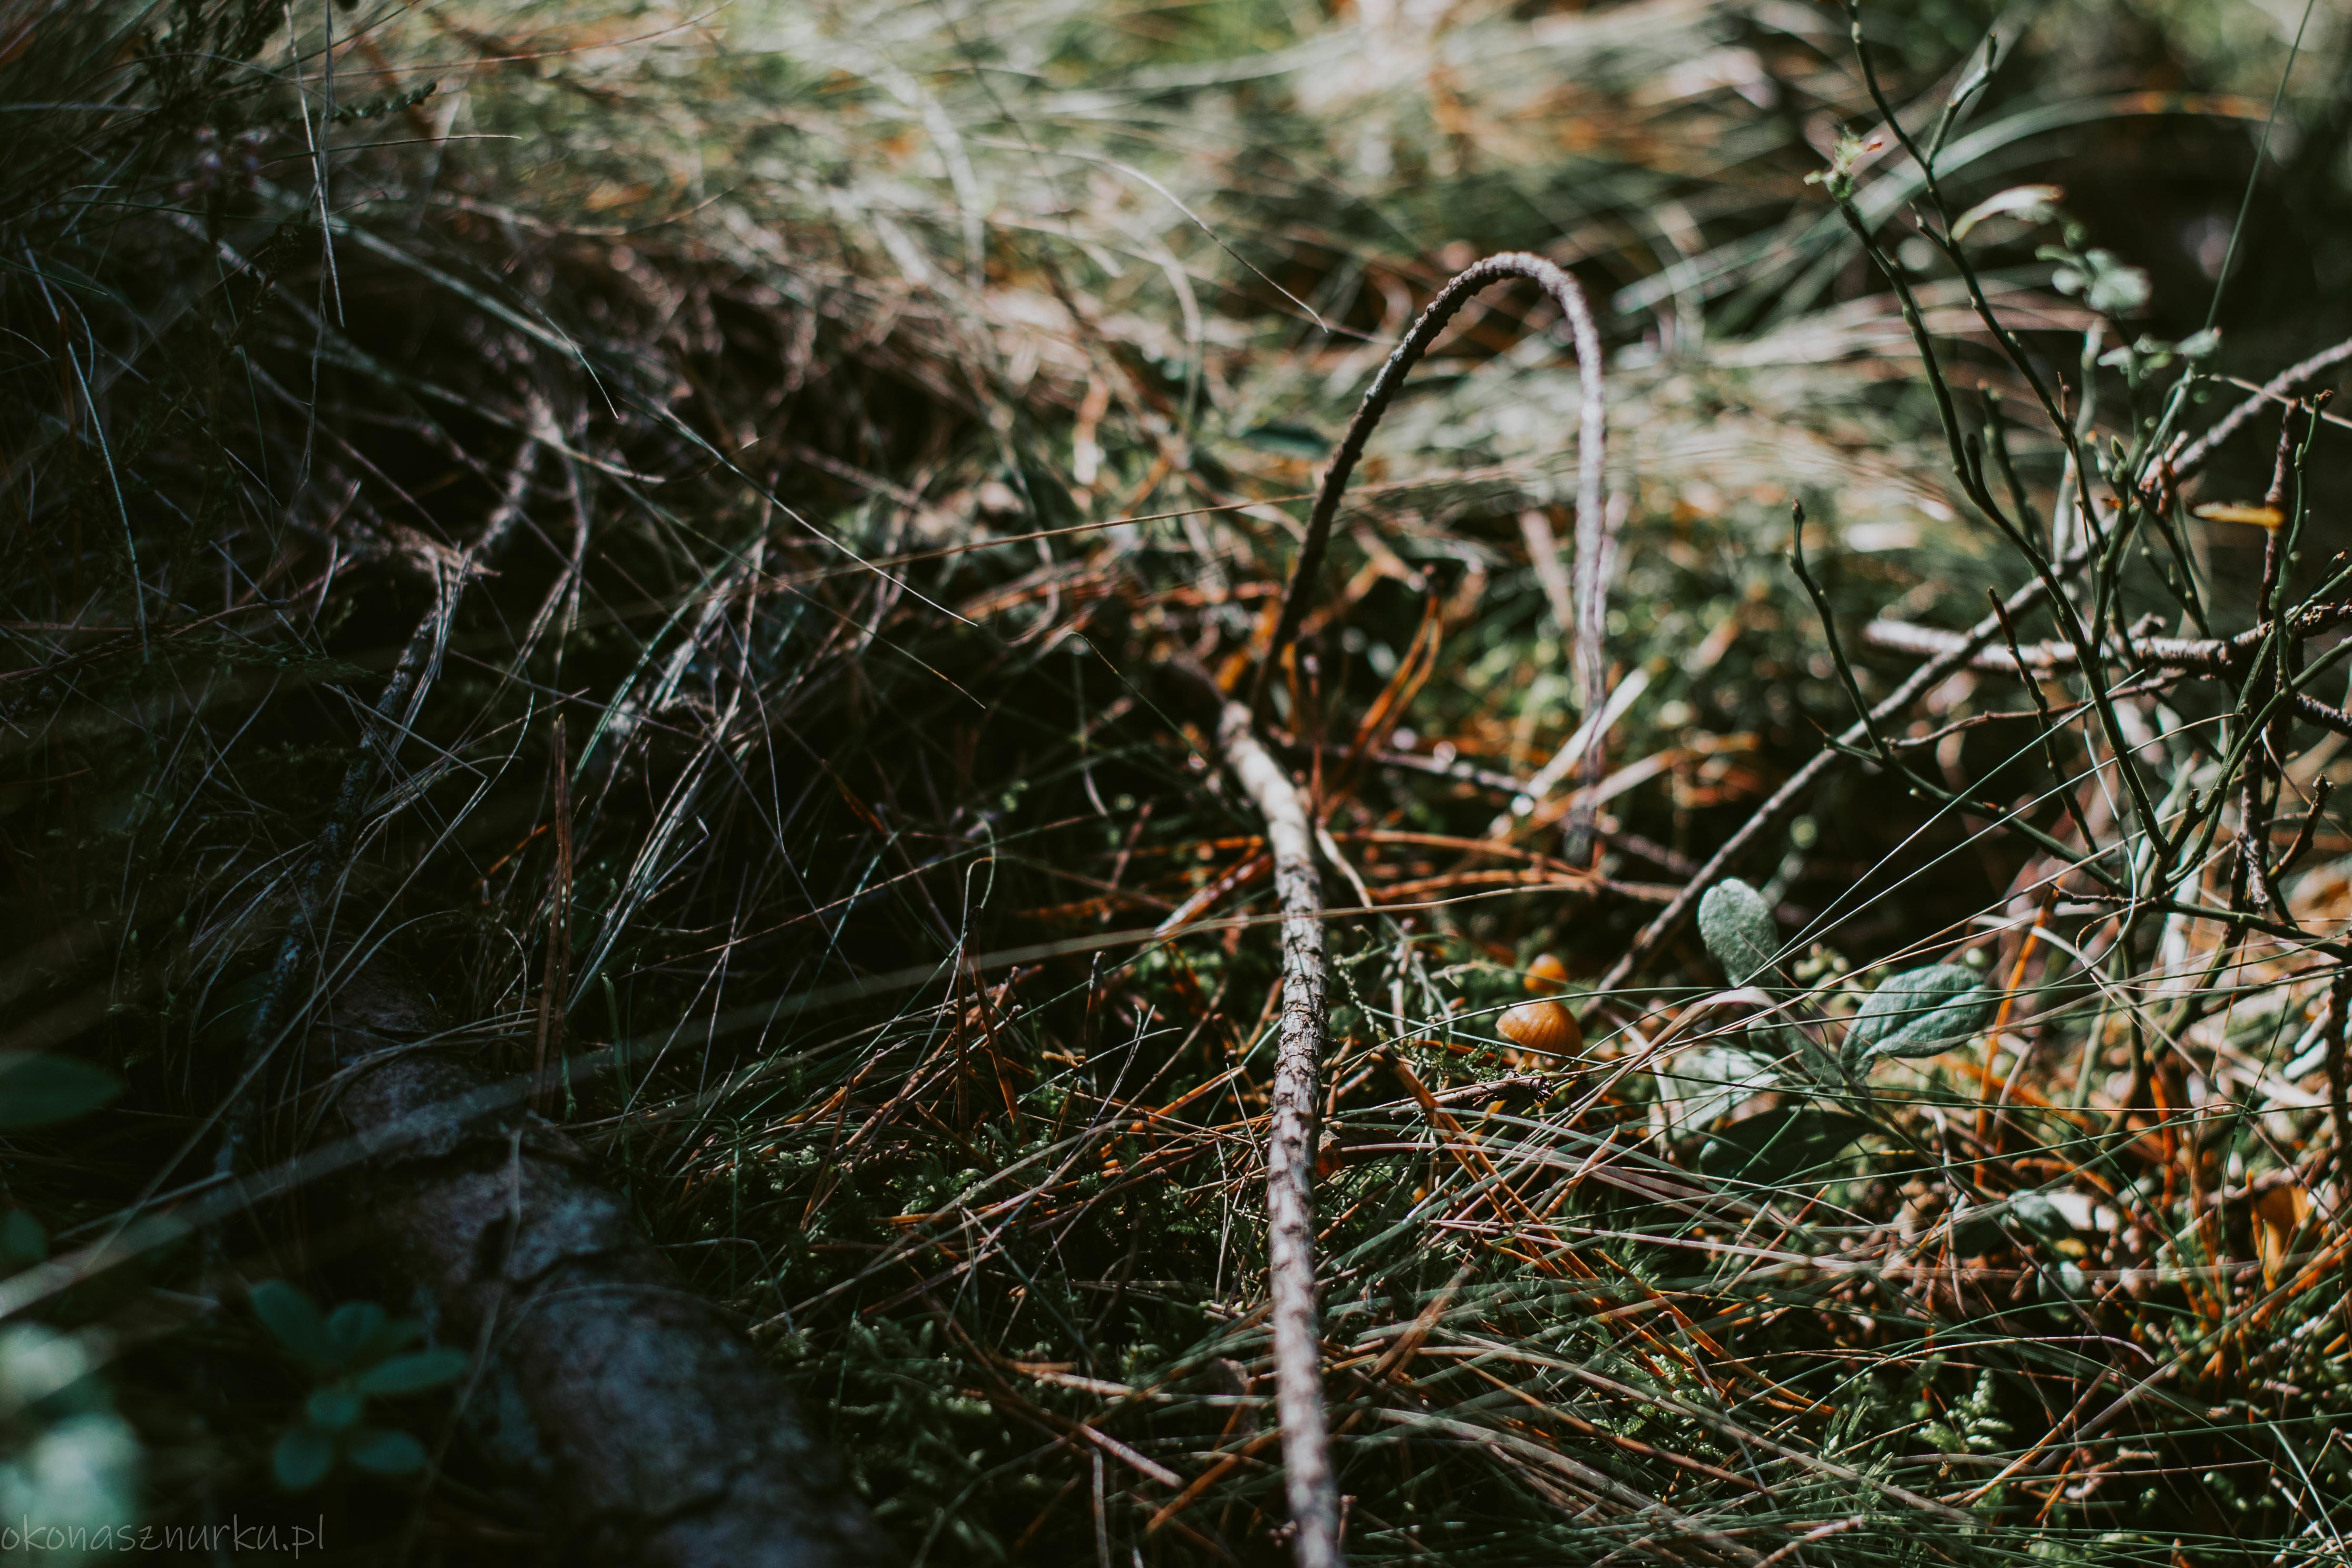 grzybobranie-okonasznurku (28)